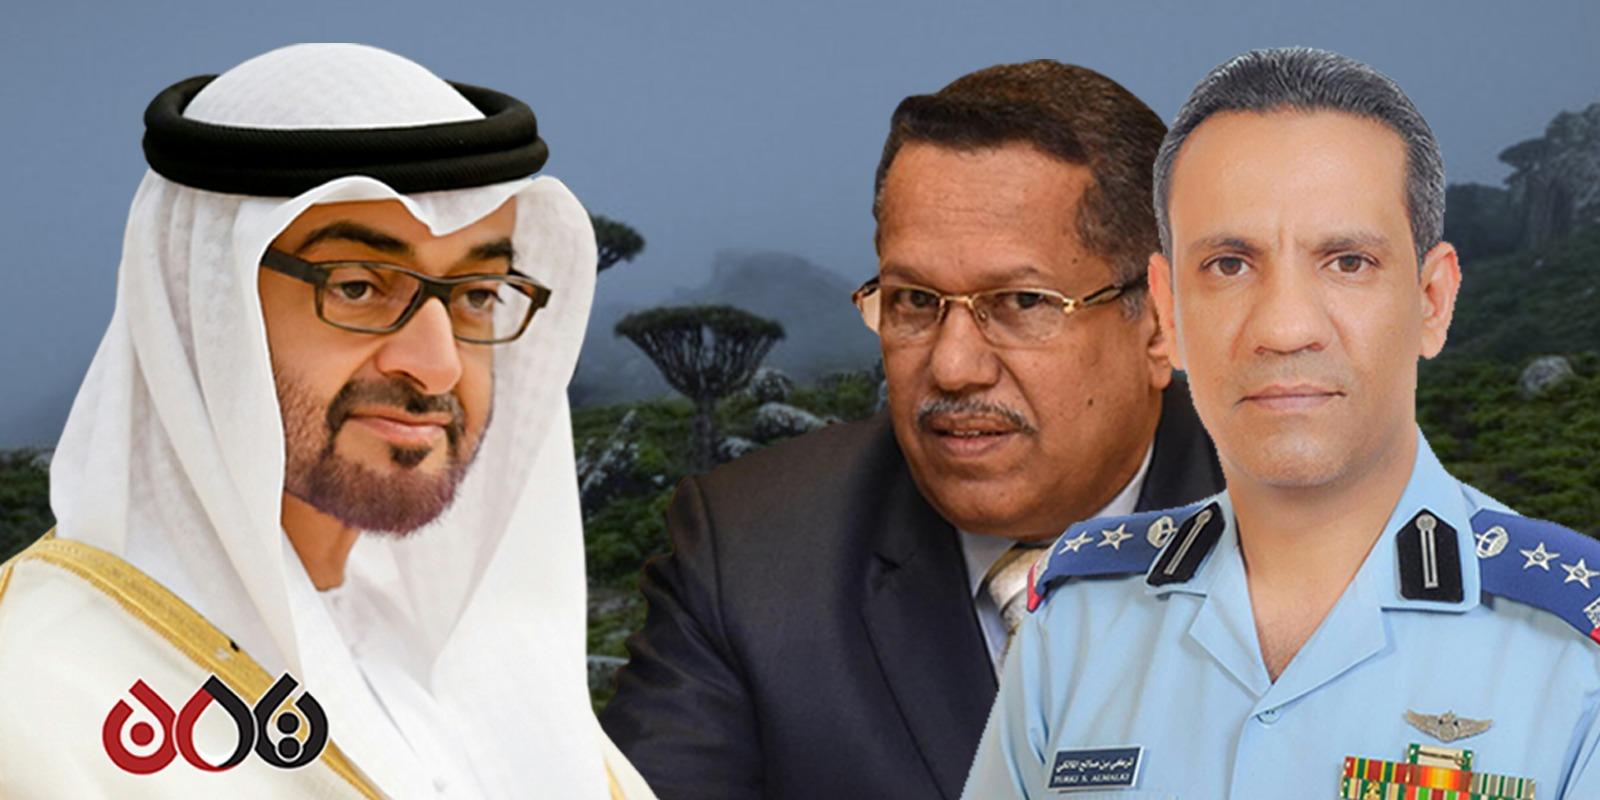 """Photo of (محاولة استعمارية).. أبوظبي تسعى للسيطرة على """"مجرى مائي"""" استراتيجي في اليمن والصومال"""